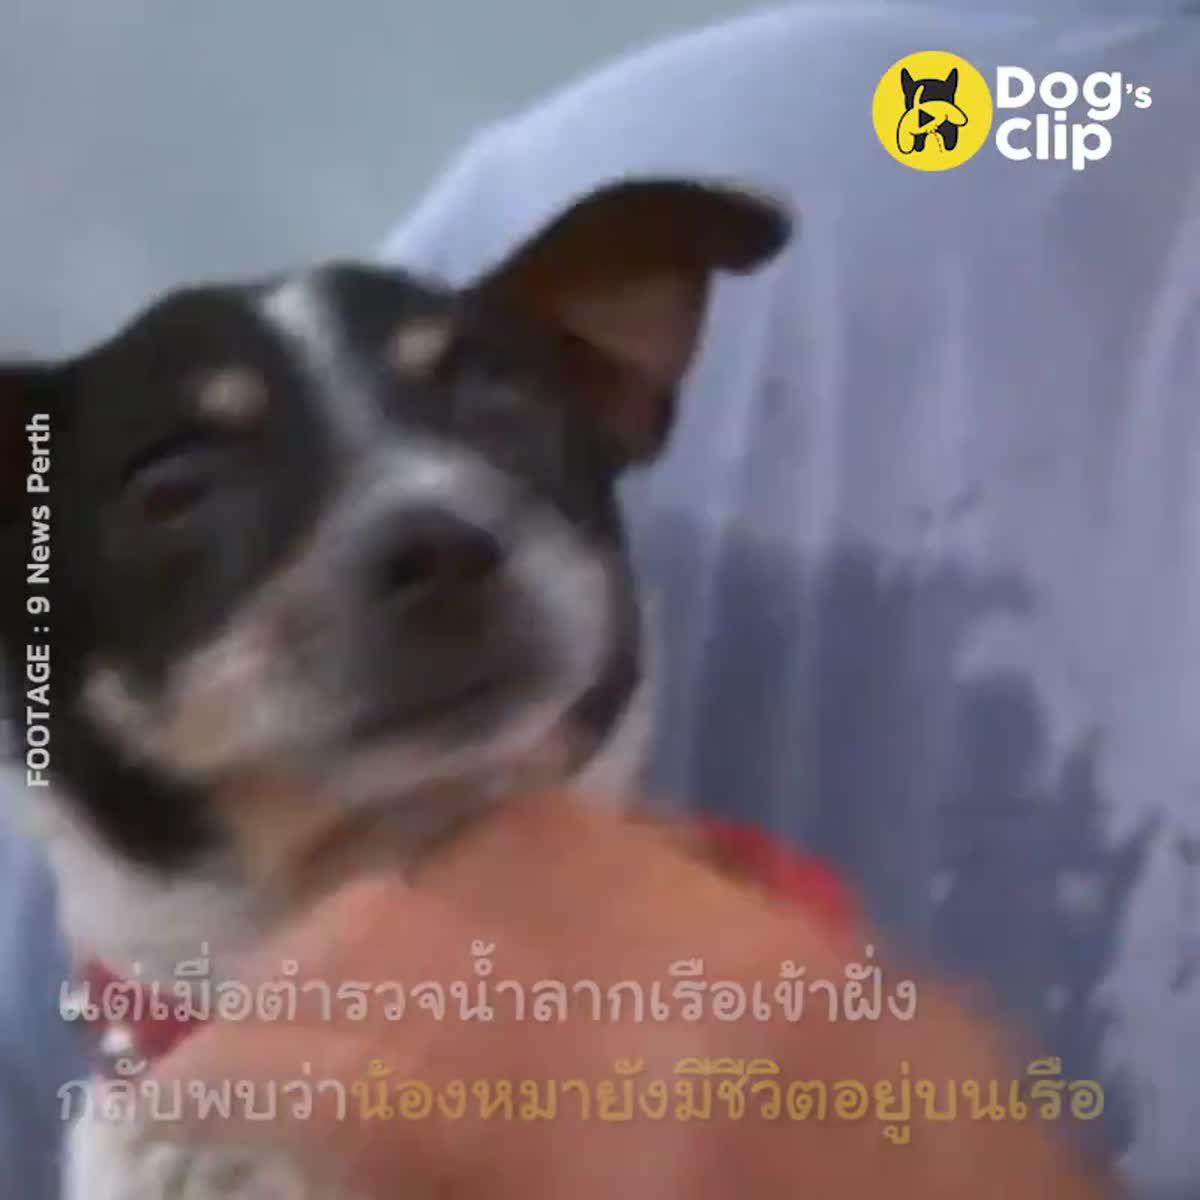 ดูท่าทางก็รู้ว่าคุณลุงรักน้องหมามากแค่ไหน